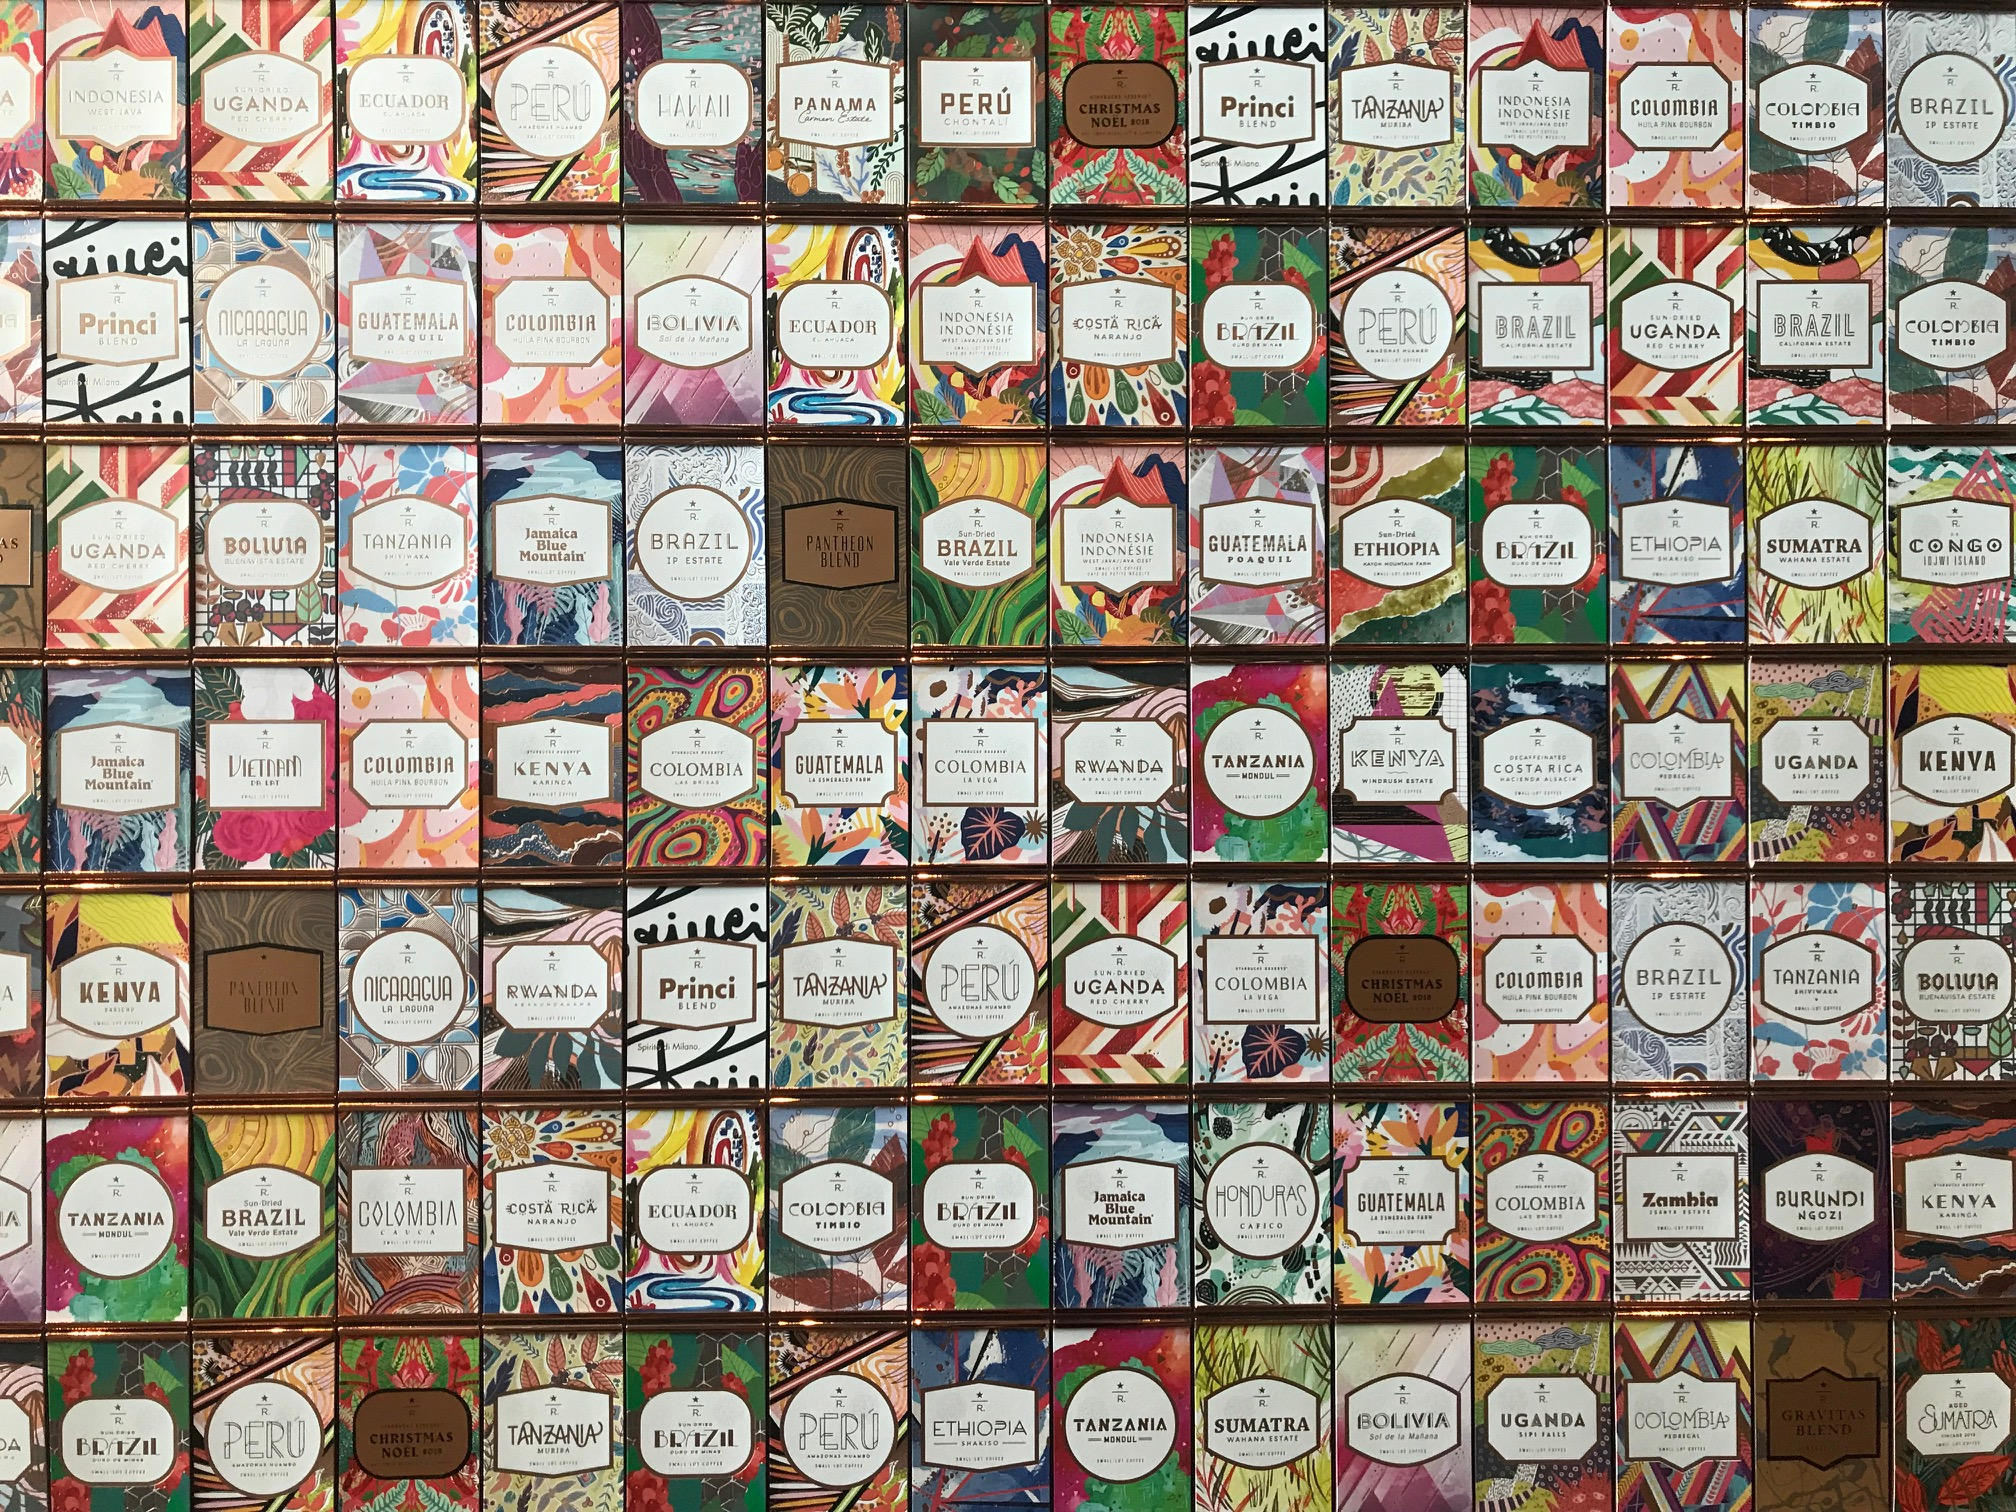 『スターバックス リザーブ ロースタリー 東京』の魅力全部見せ♡ フォトジェニックで全てが新しいスタバの世界をご堪能あれ!!_9_1